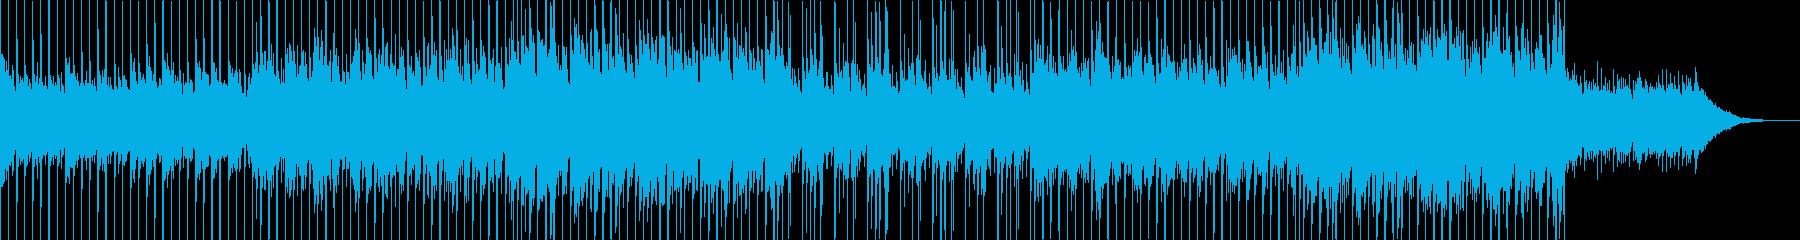 ピアノ、アコギ、爽やか、前向き、透明感の再生済みの波形